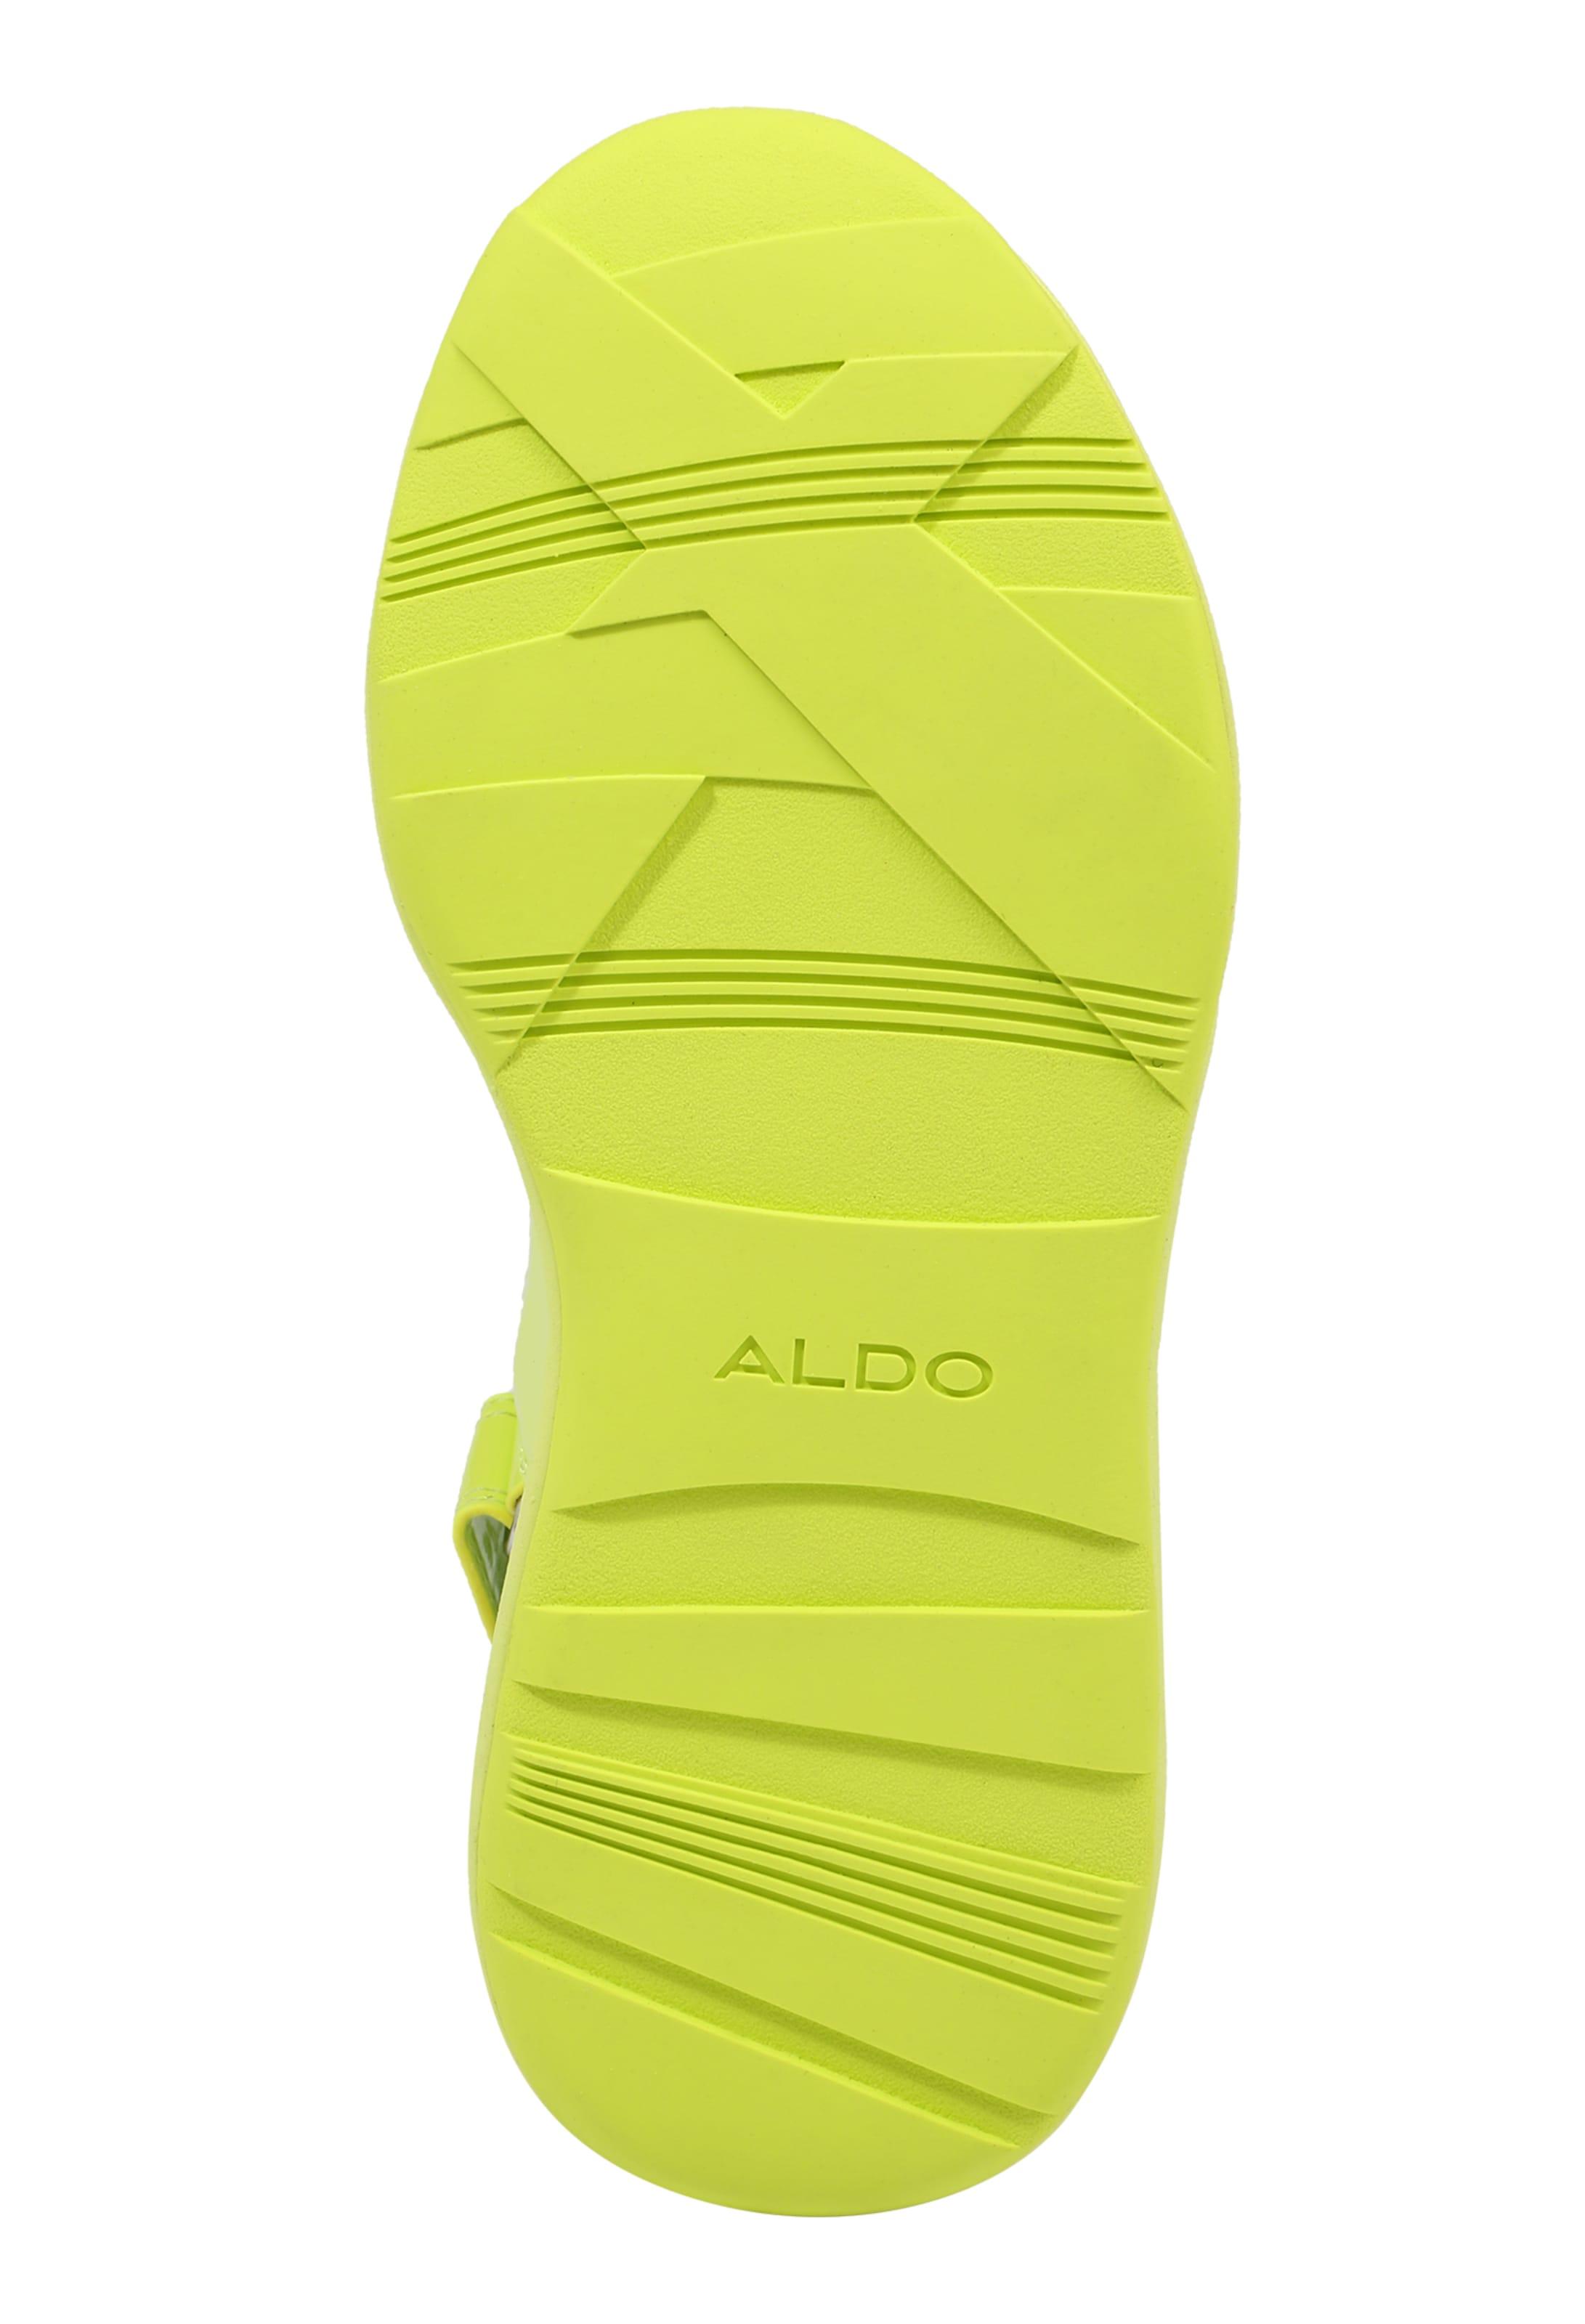 ALDO Riemensandale 'ELOIMA' Billig Authentisch Verkauf Fabrikverkauf Kaufen Online-Verkauf Große Überraschung 3lmCLSmR